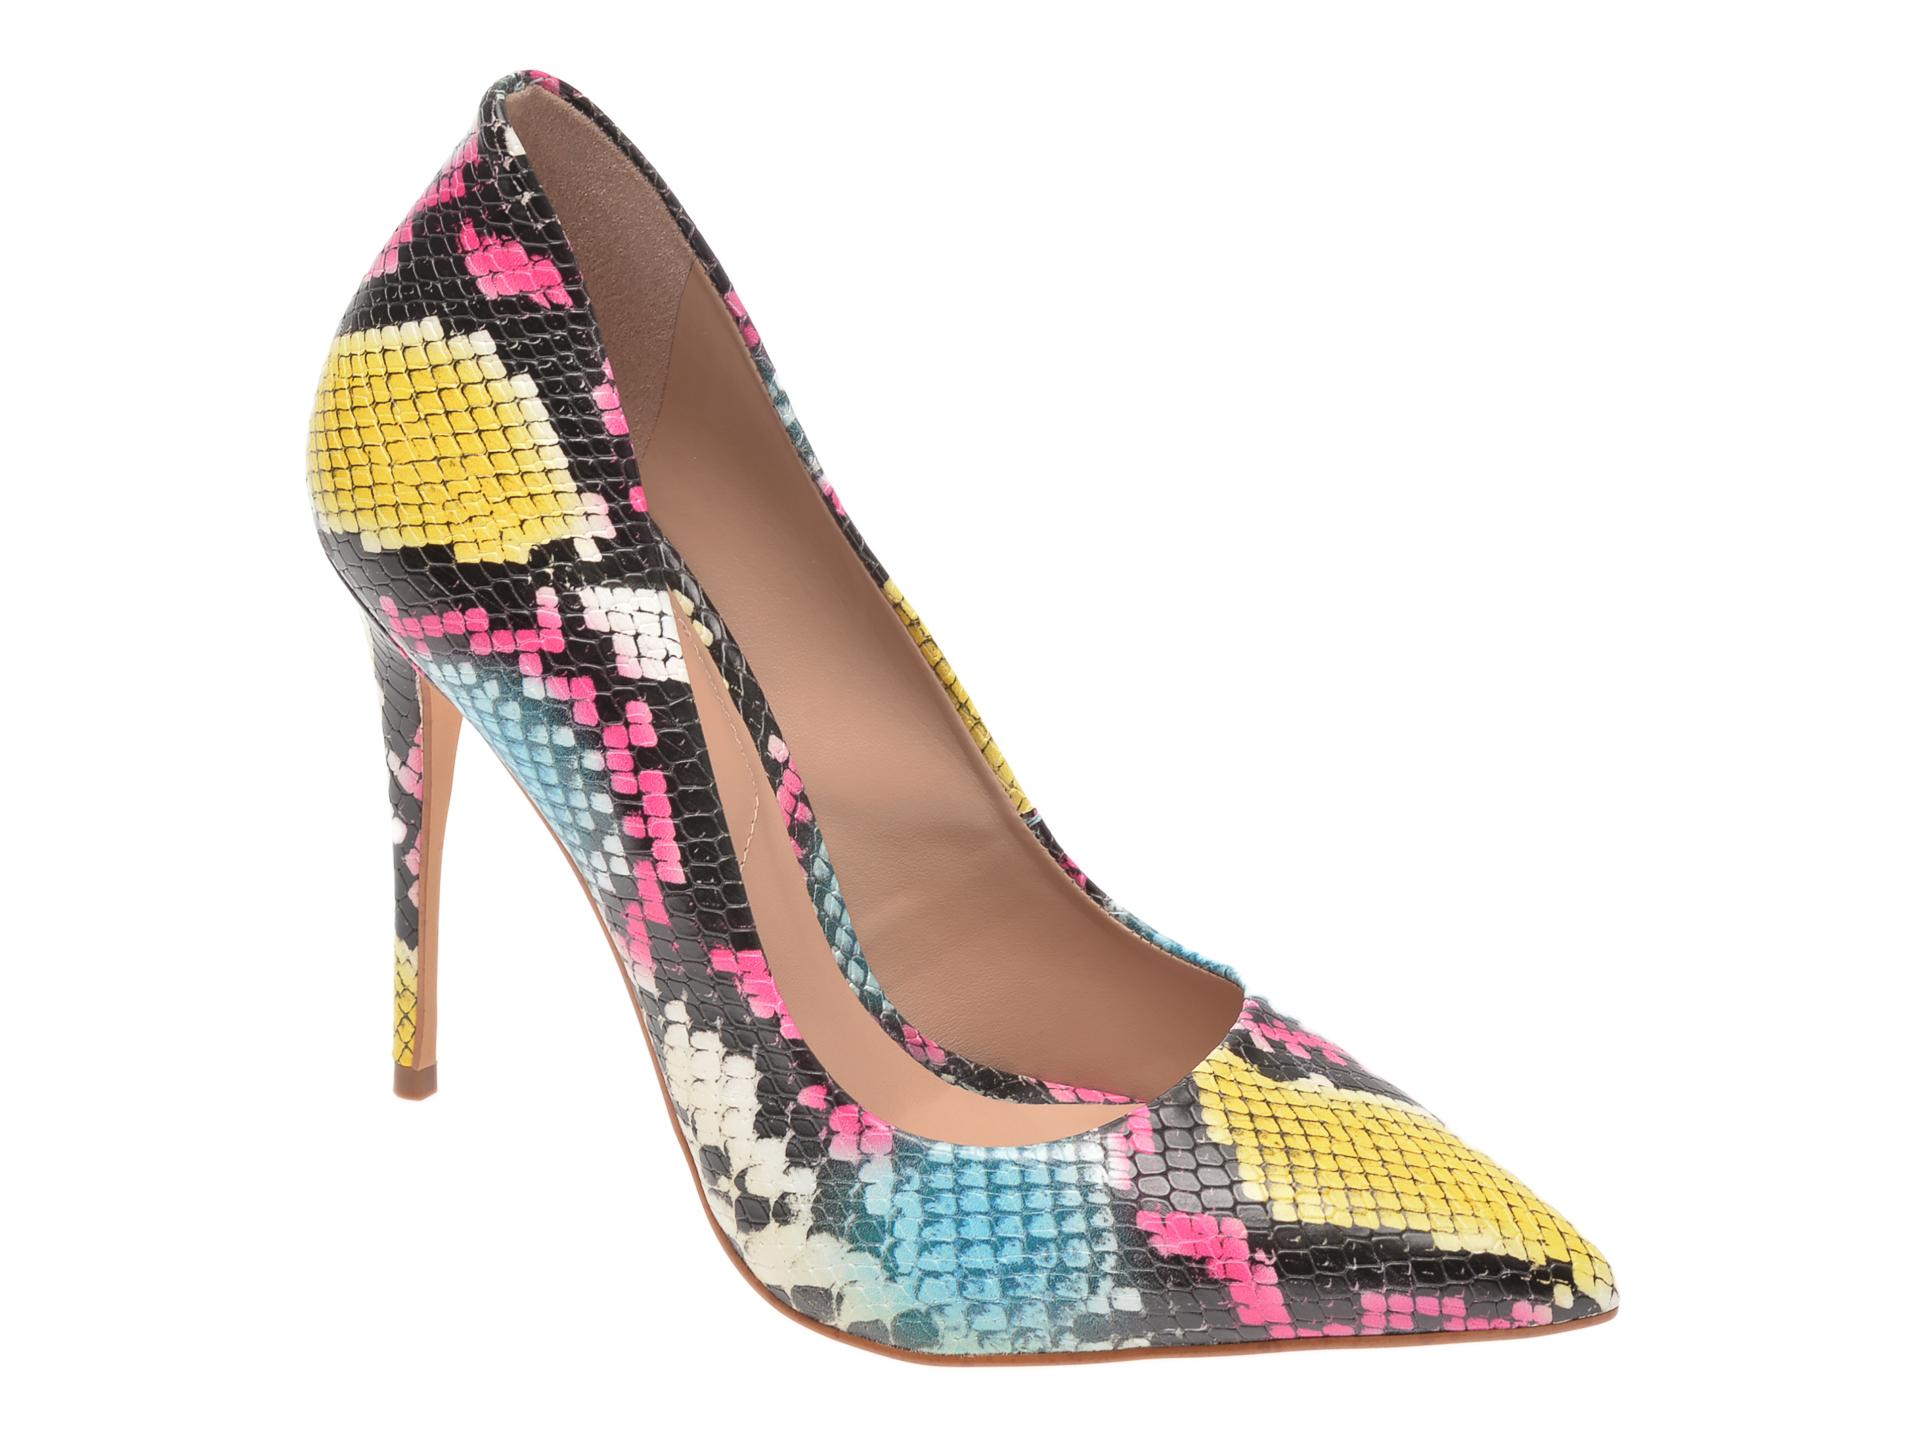 Pantofi ALDO multicolori, Cassedy961, din piele ecologica imagine otter.ro